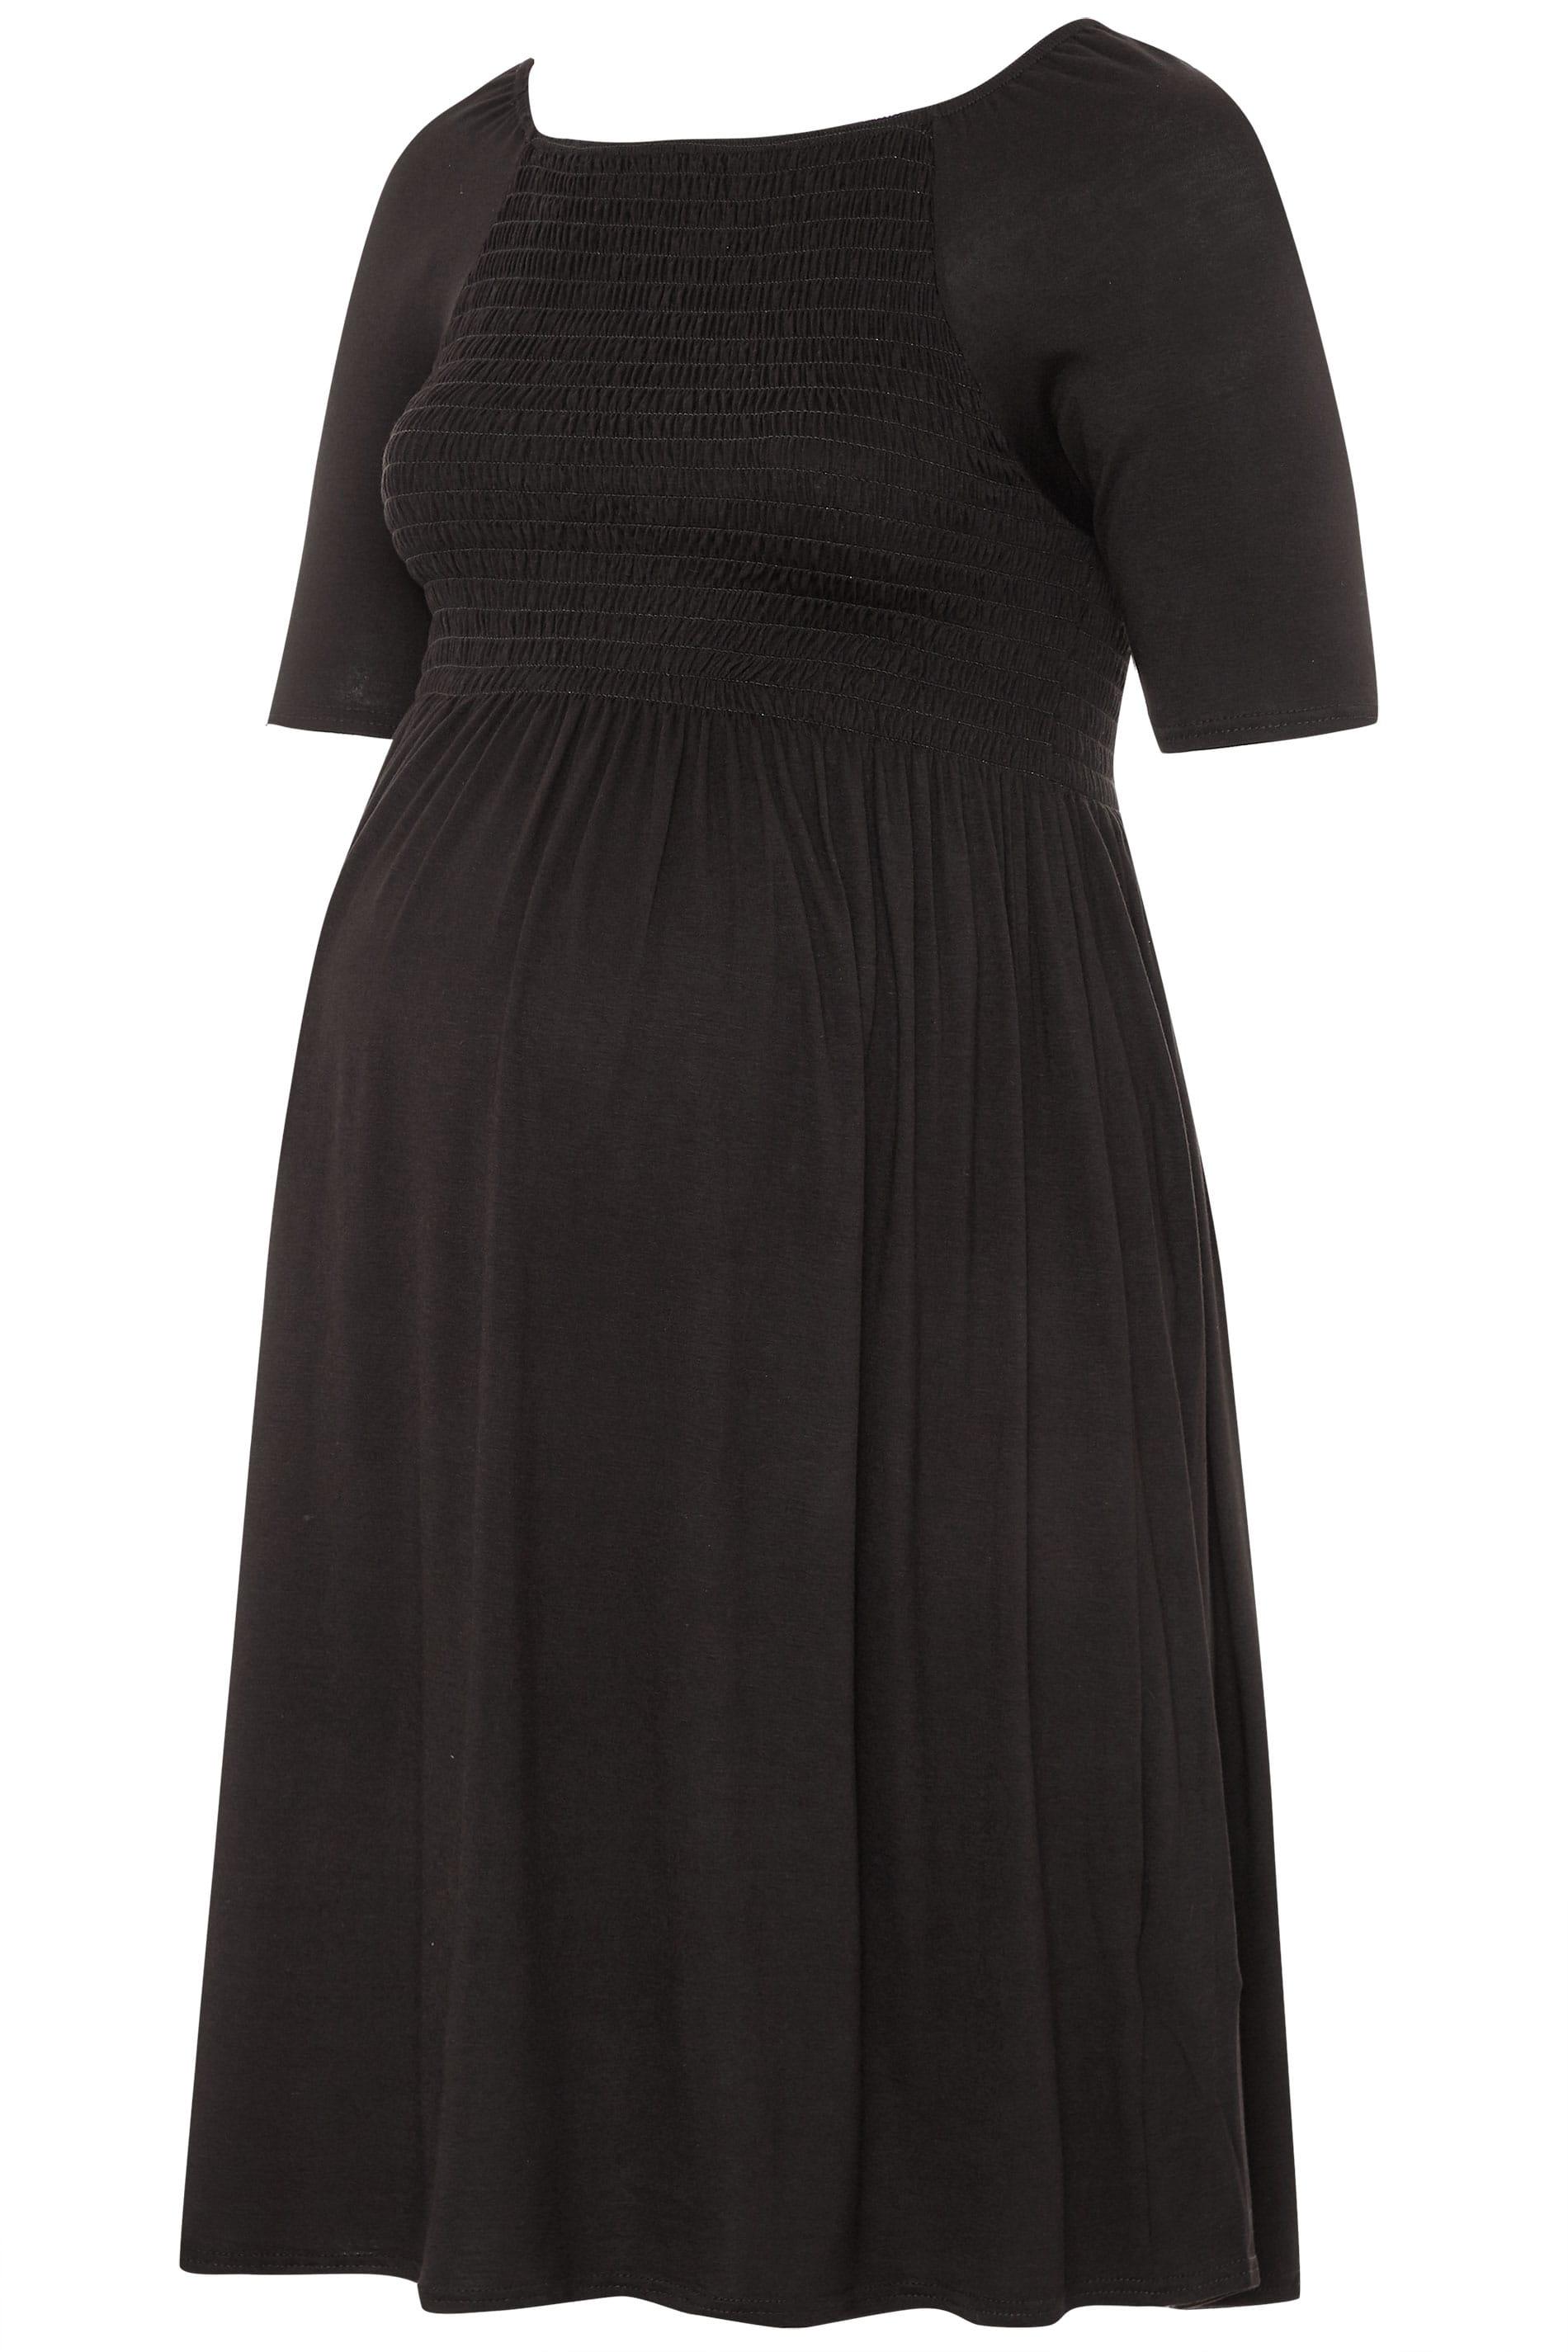 Yours Clothing Mujer Talla Grande Bomba It Dar Cuerda Vestido Premama Ebay